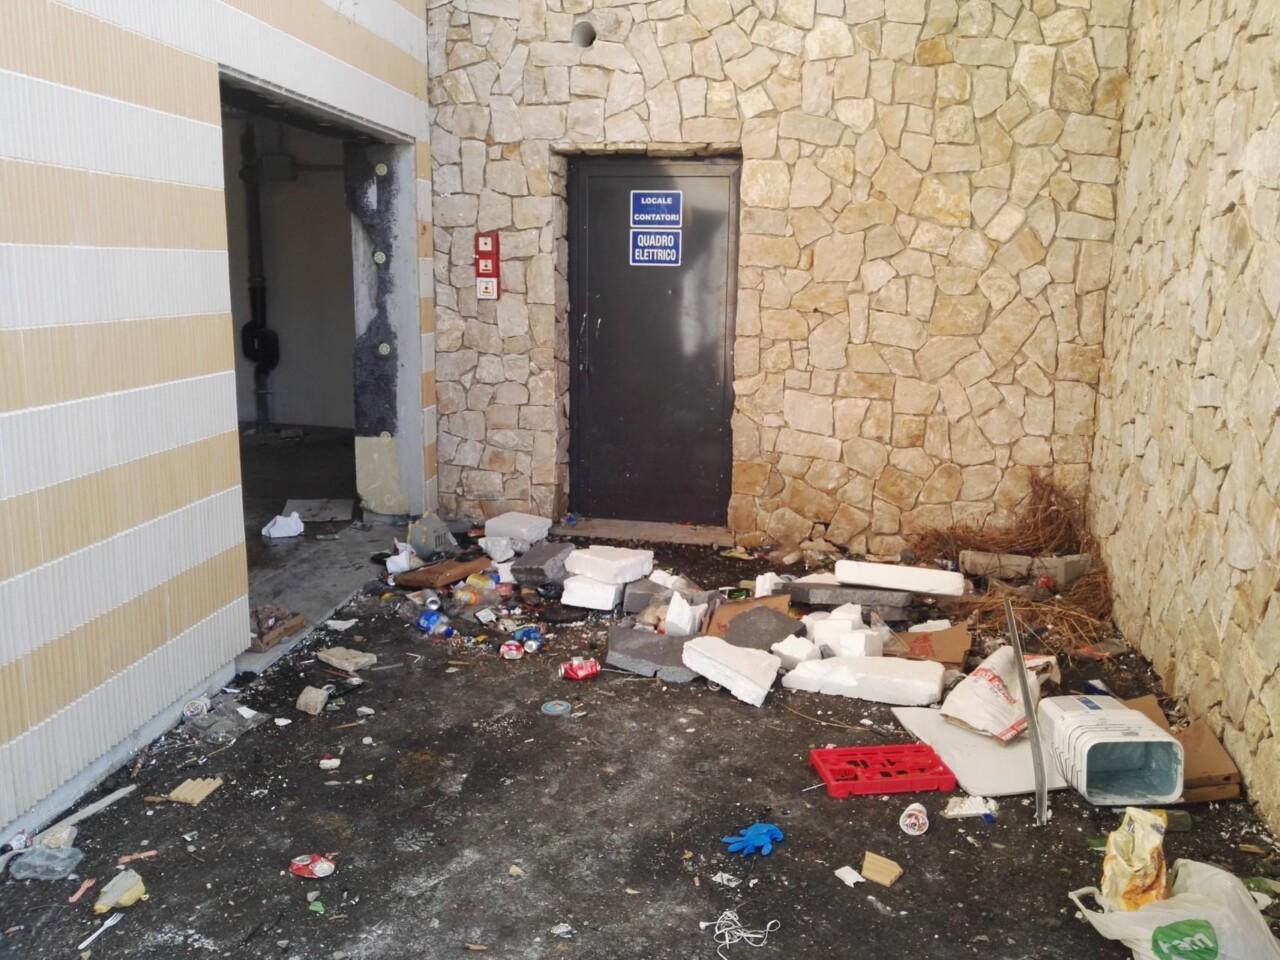 Degrado e rischi per i cittadini a Monteluce, video e foto denuncia di Federconsumatori